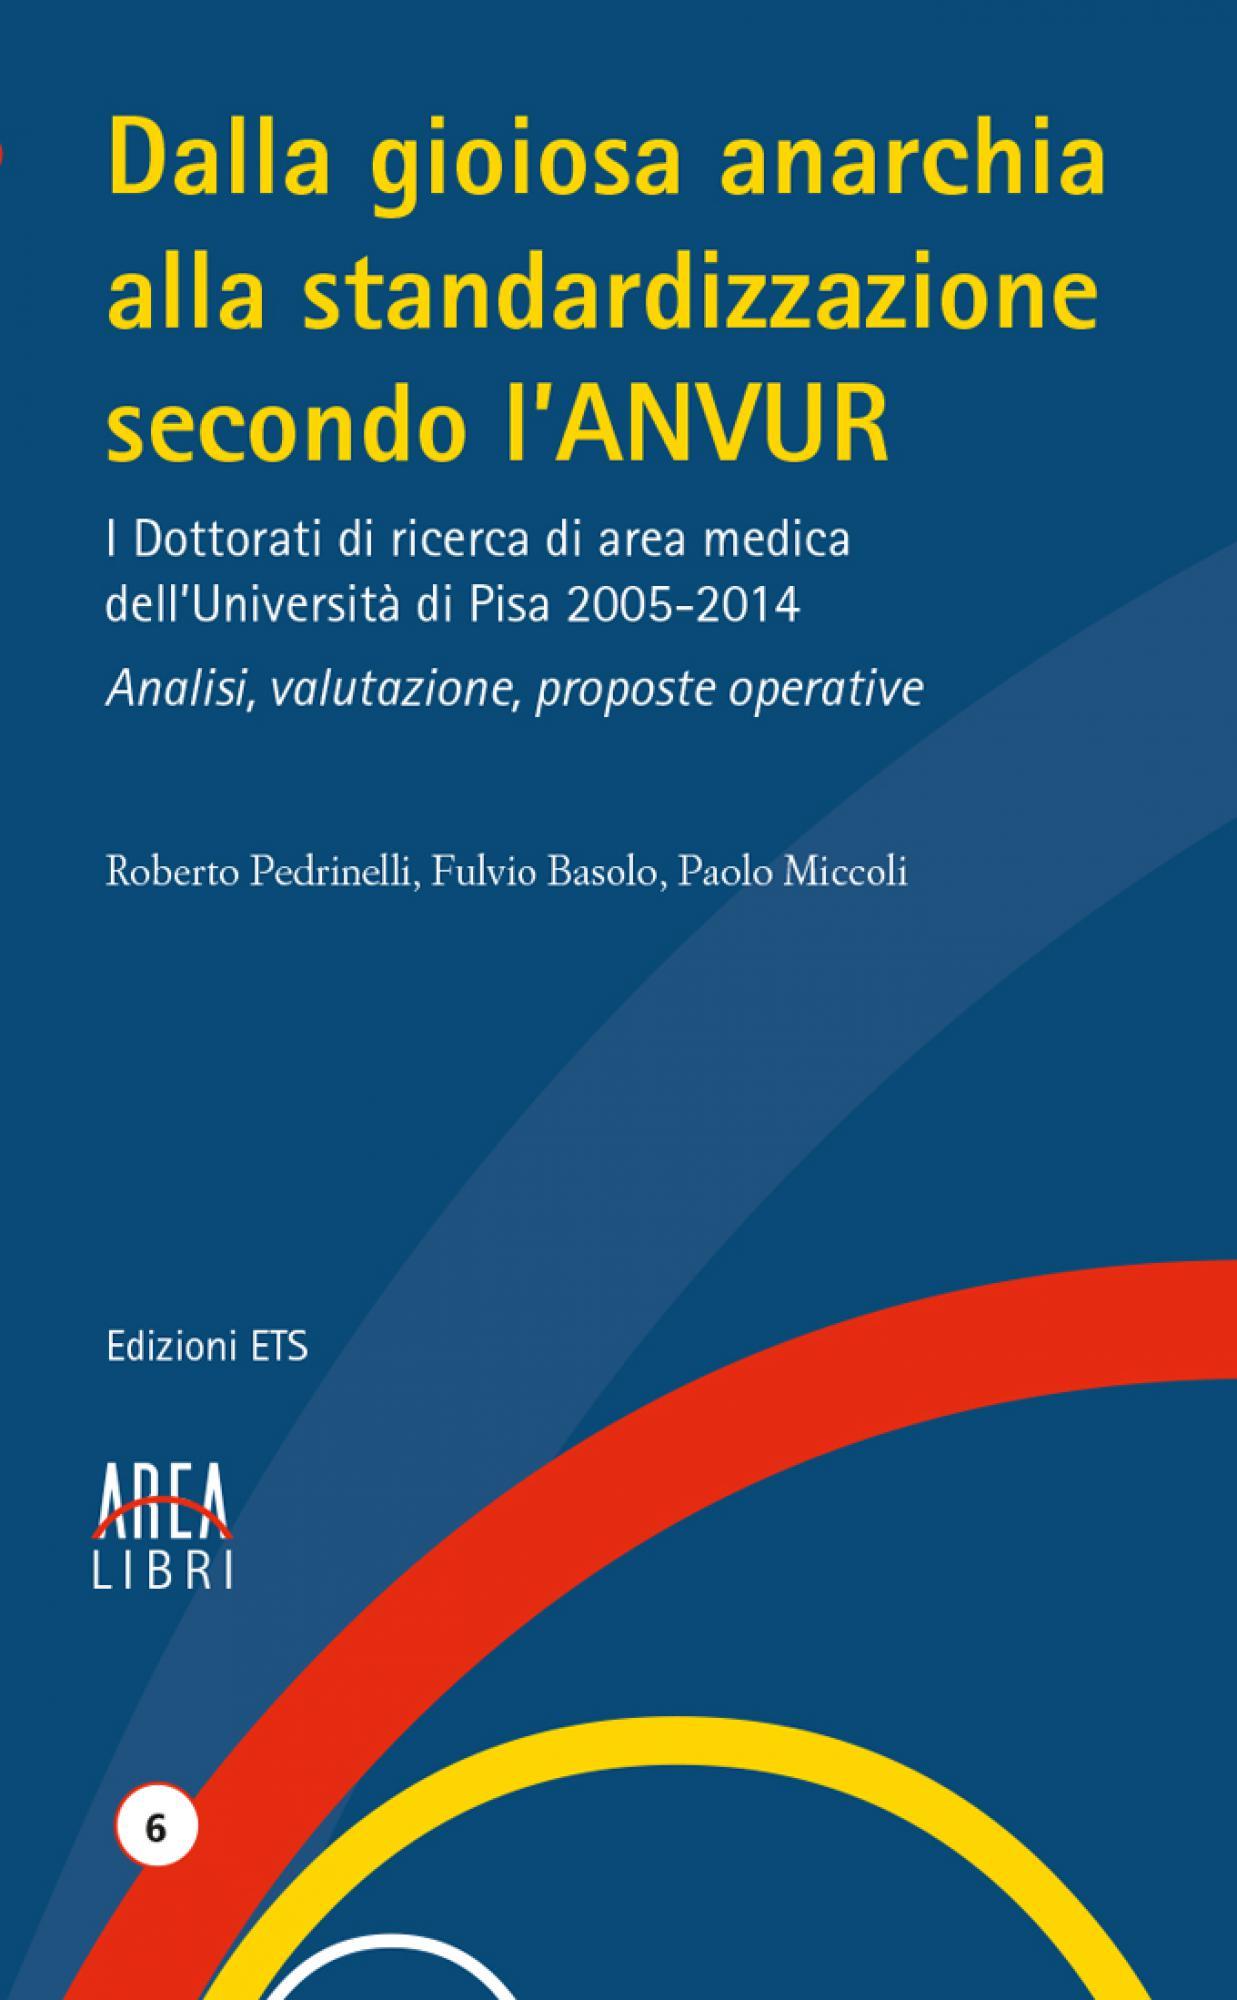 Dalla gioiosa anarchia alla standardizzazione secondo l'ANVUR.I Dottorati di ricerca di area medica dell'Università di Pisa 2005-2014. Analisi, valutazione, proposte operative